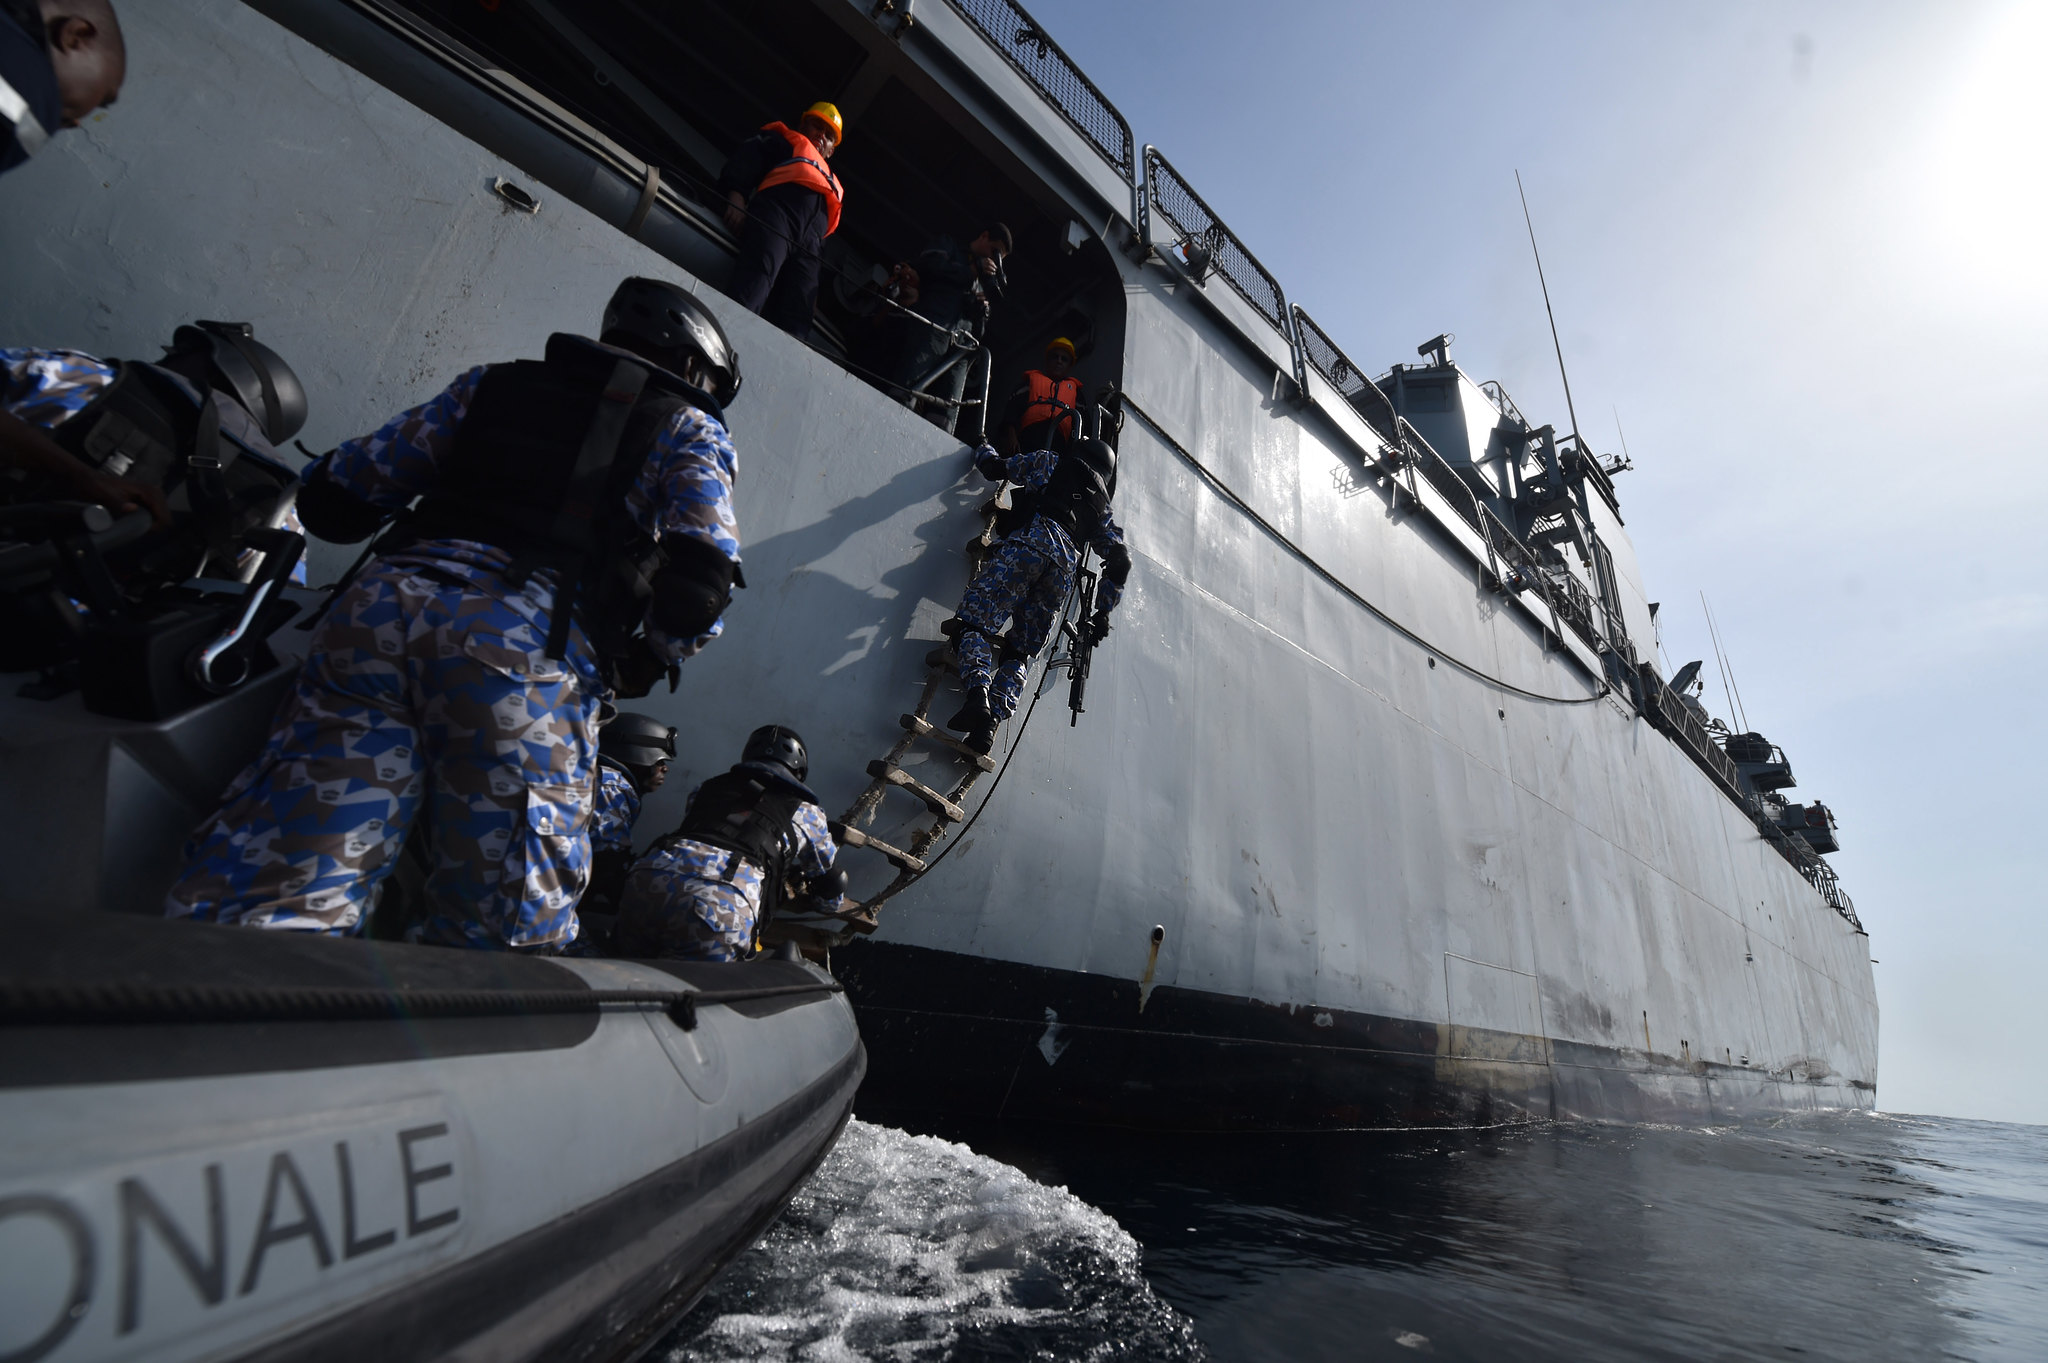 Royal Moroccan Navy Floréal Frigates / Frégates Floréal Marocaines - Page 12 33733730285_0987bd3c9f_k